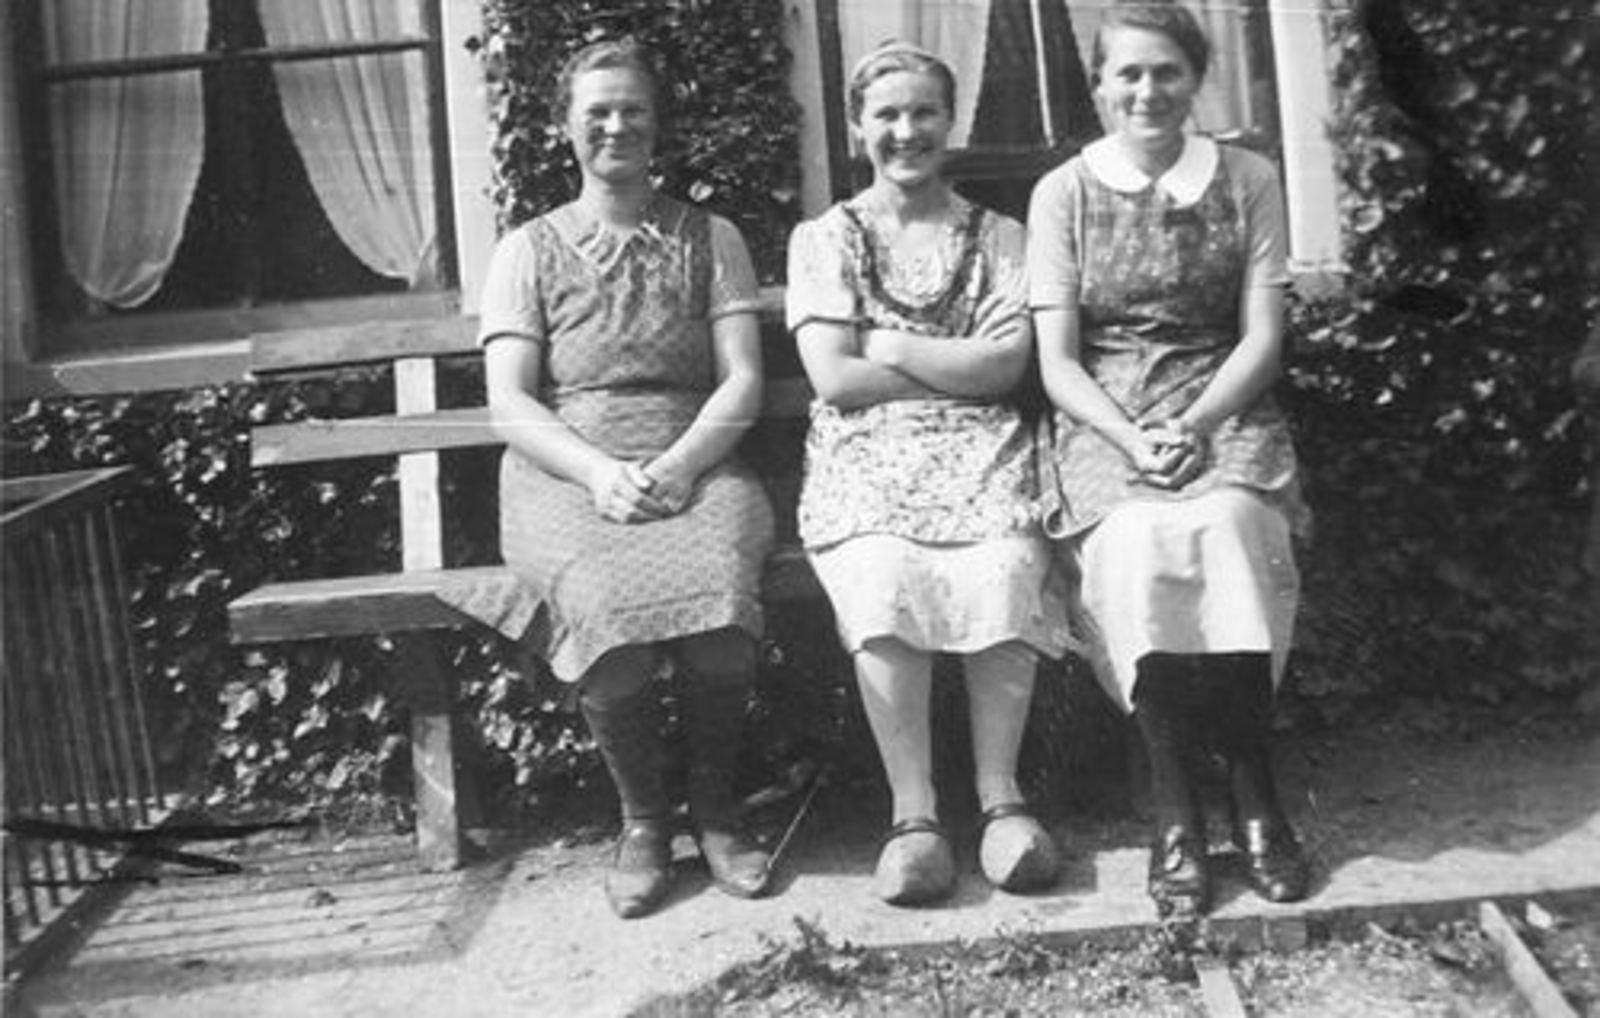 Kruislaan Z 0038 1940 Jaantje v Veen met zus Leentje en Buurvrouw v Braak